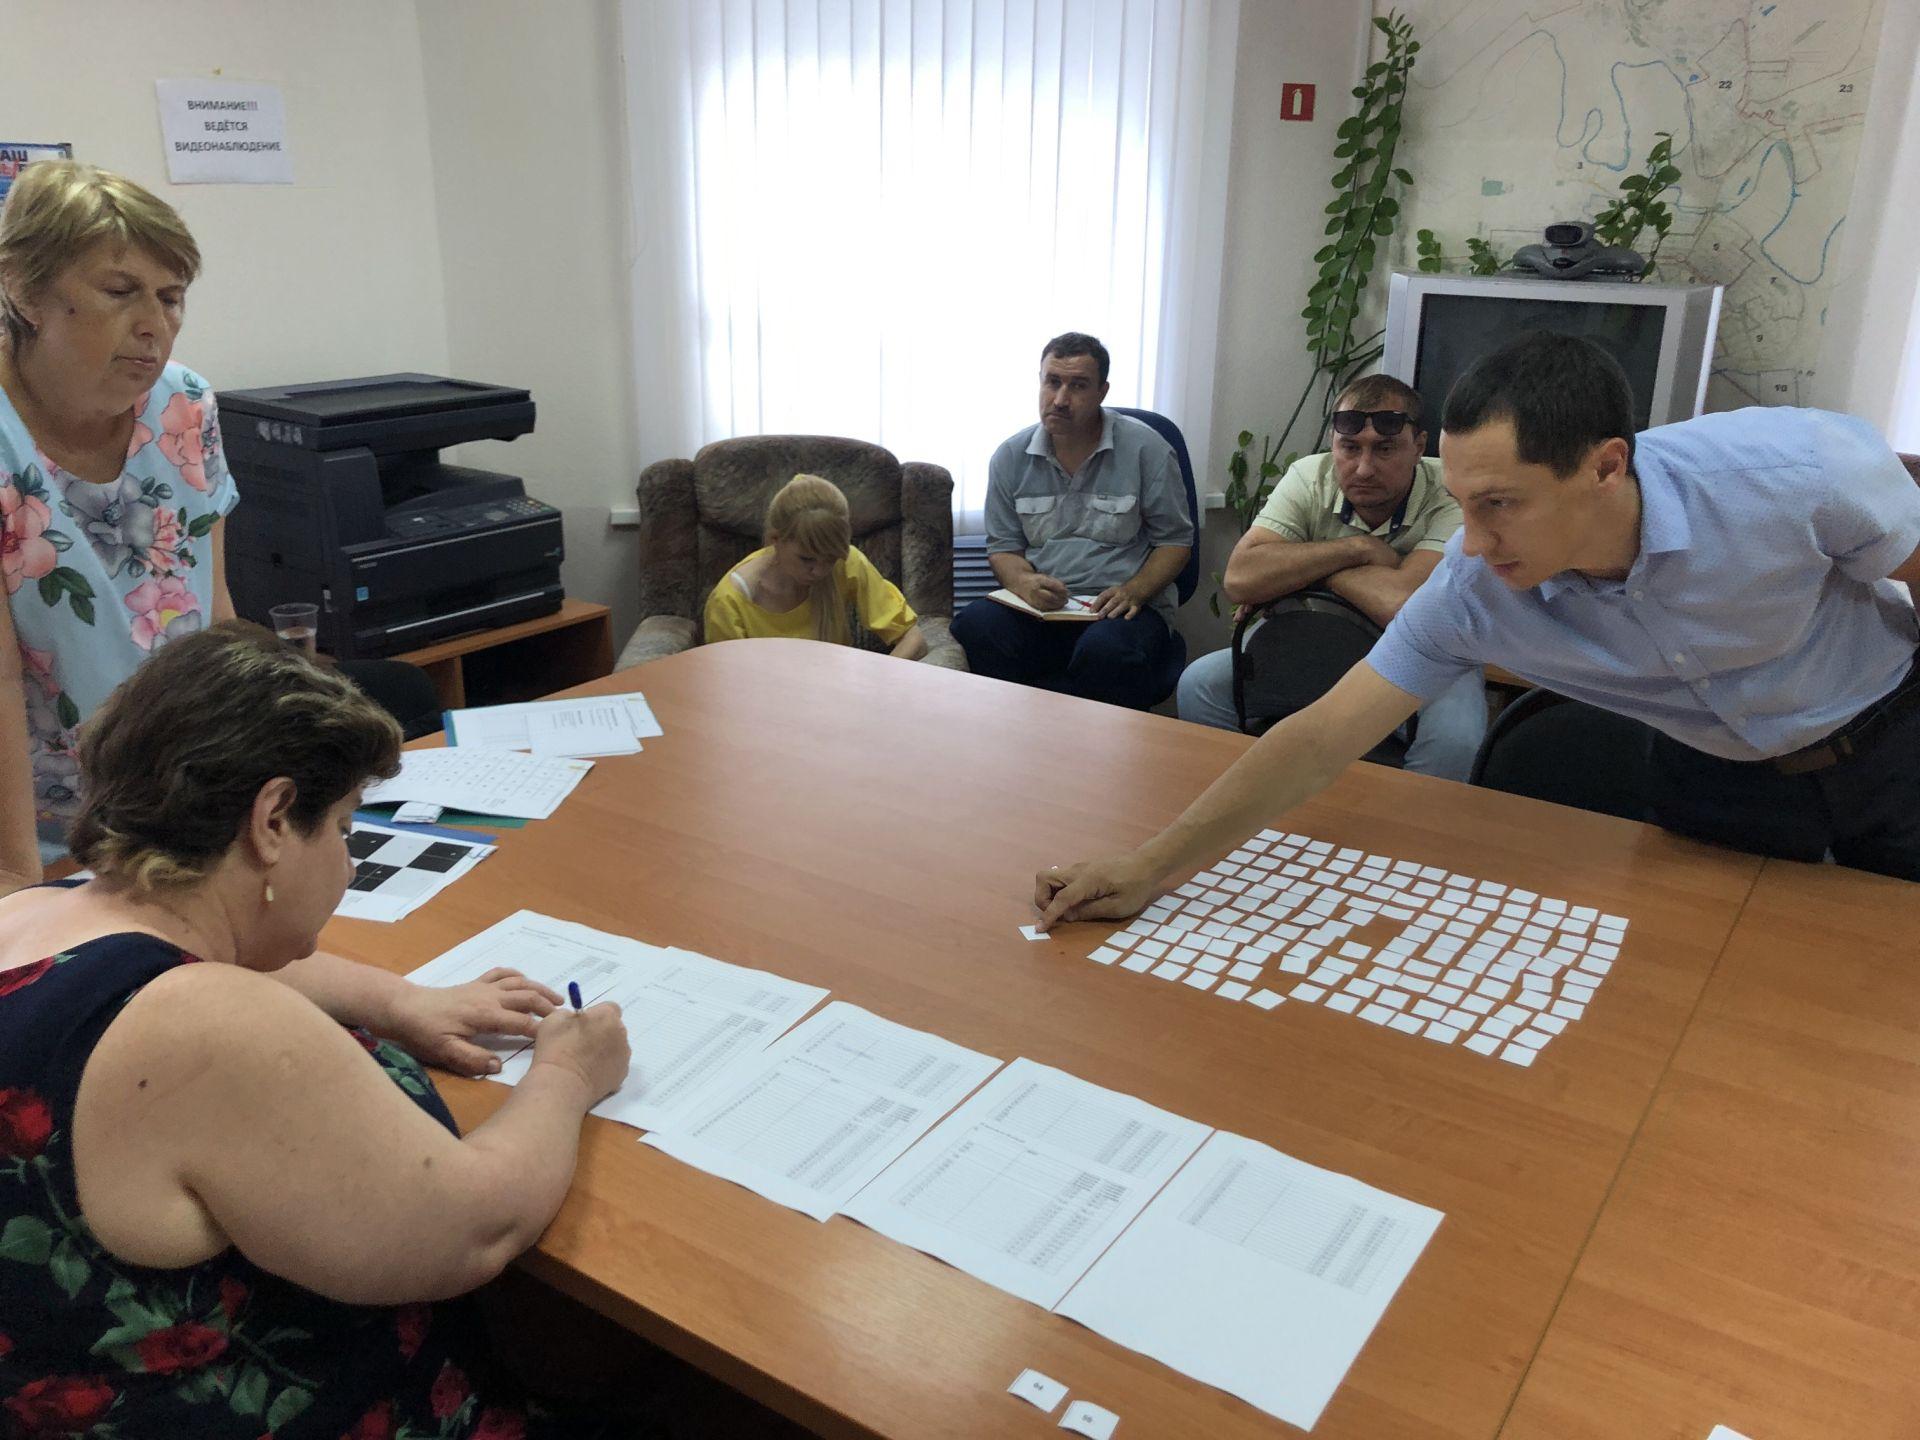 Авторадио-Новочеркасск. Итоги жеребьевки кандидатов в депутаты городской Думы Новочеркасска